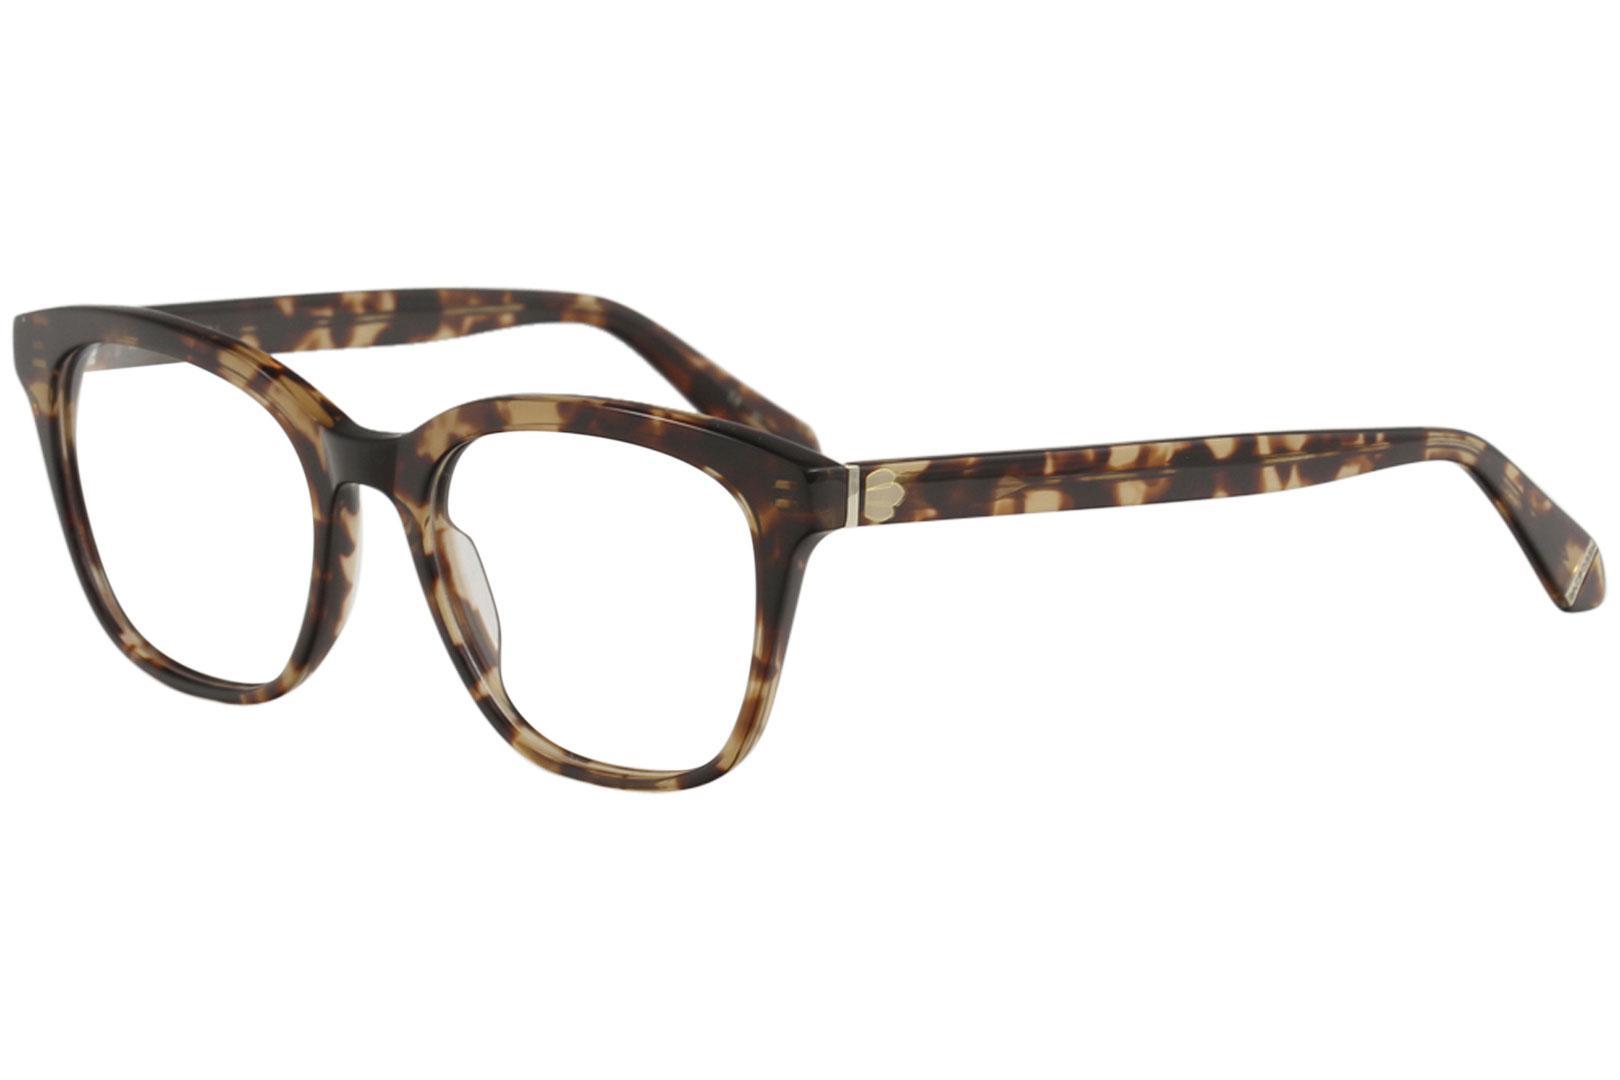 Image of Zac Posen Women's Eyeglasses Beshka Full Rim Optical Frame - Tortoise   TO - Lens 51 Bridge 18 Temple 140mm